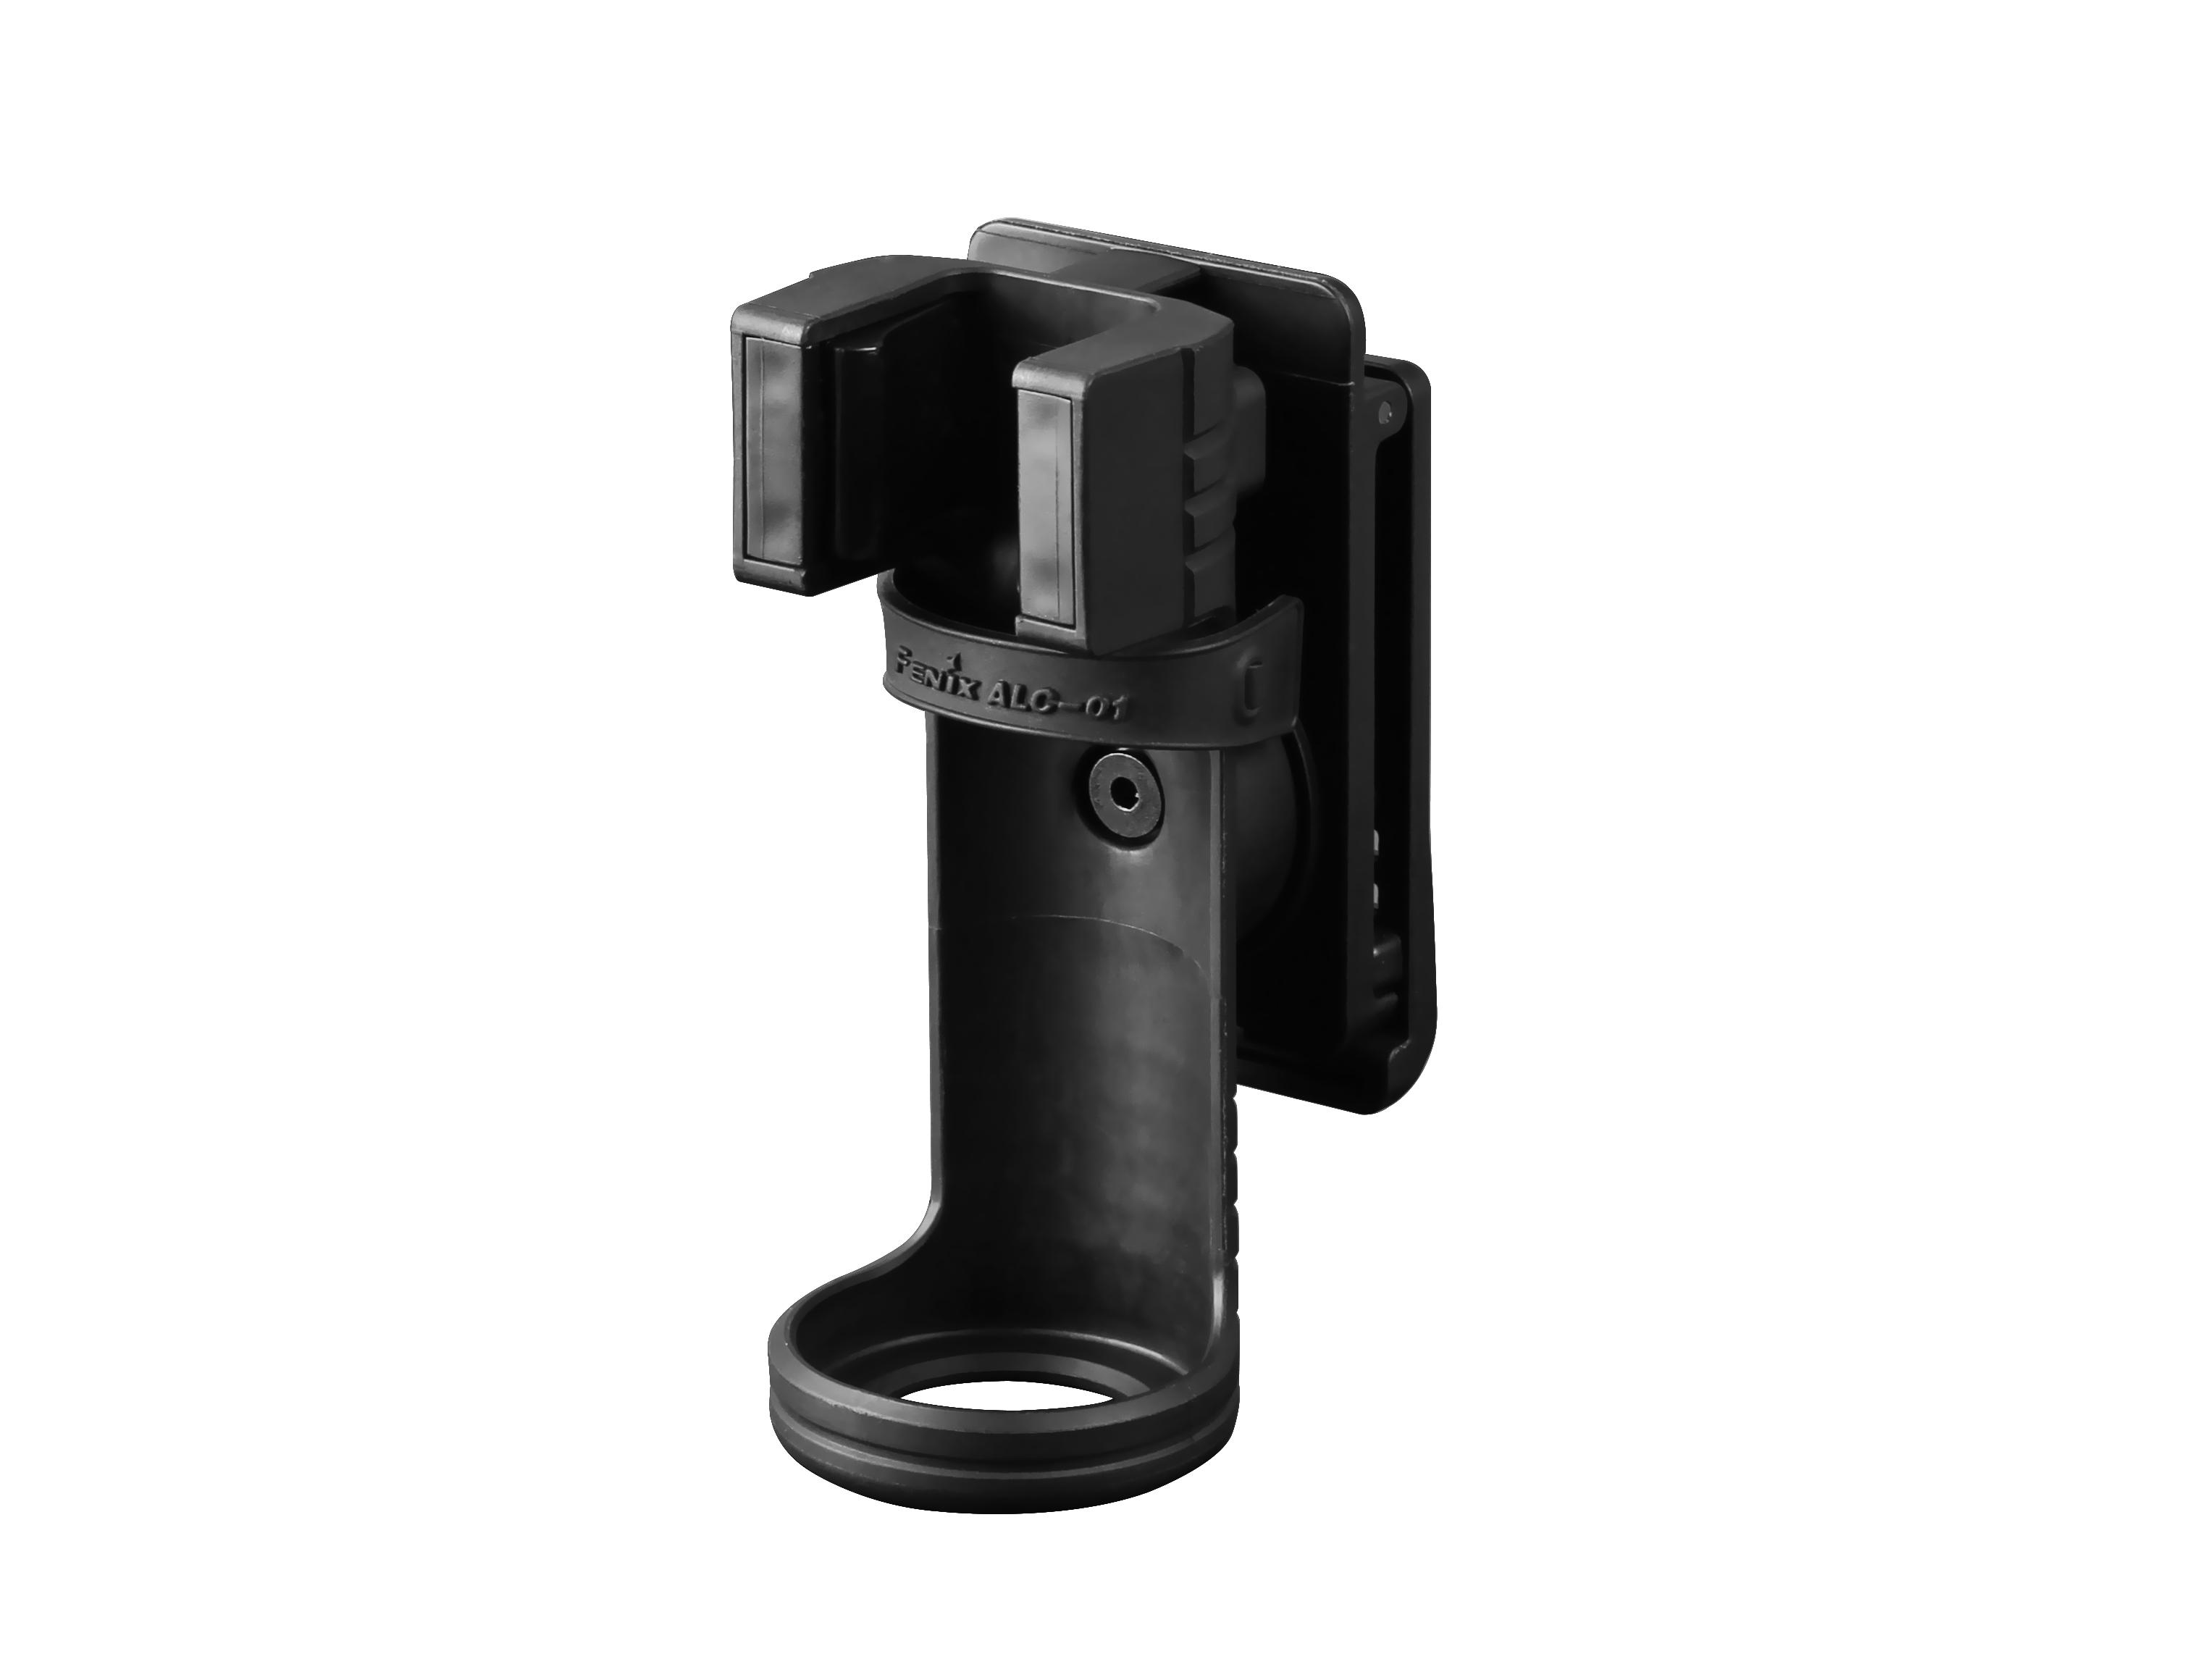 Otočné puzdro pre svietidlá Fenix ALC-01